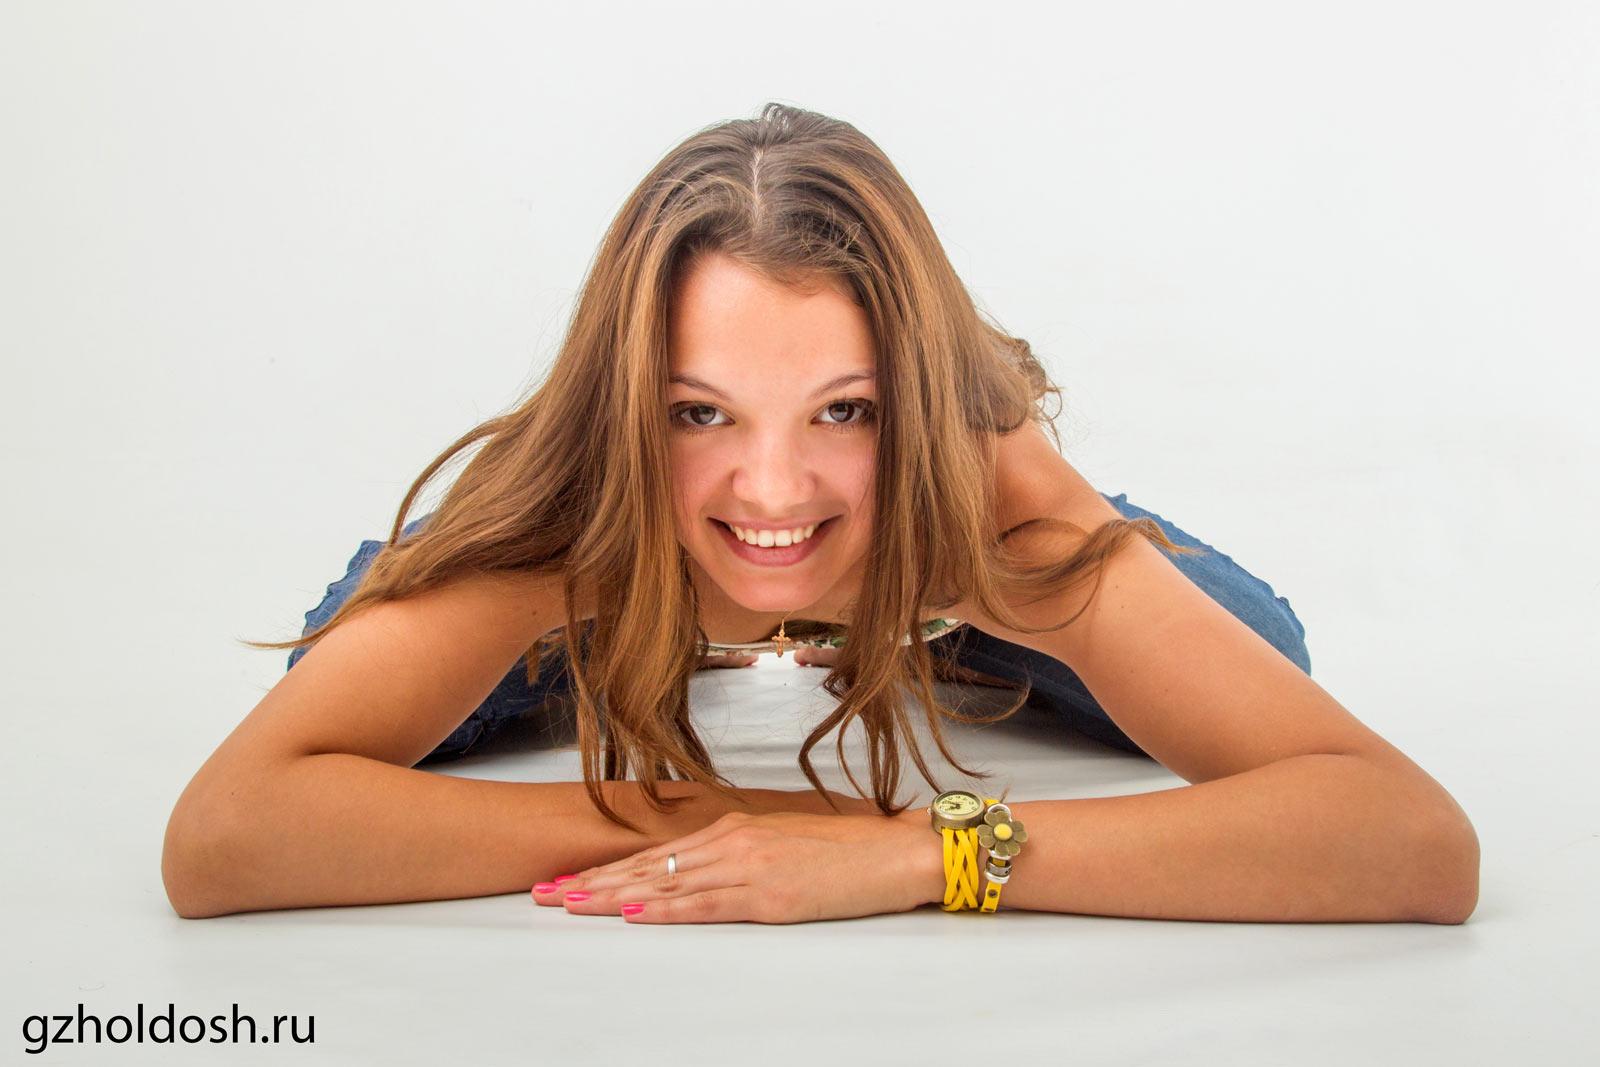 Подруга стеснялась перед камерой, порно актрисы русские и украинские